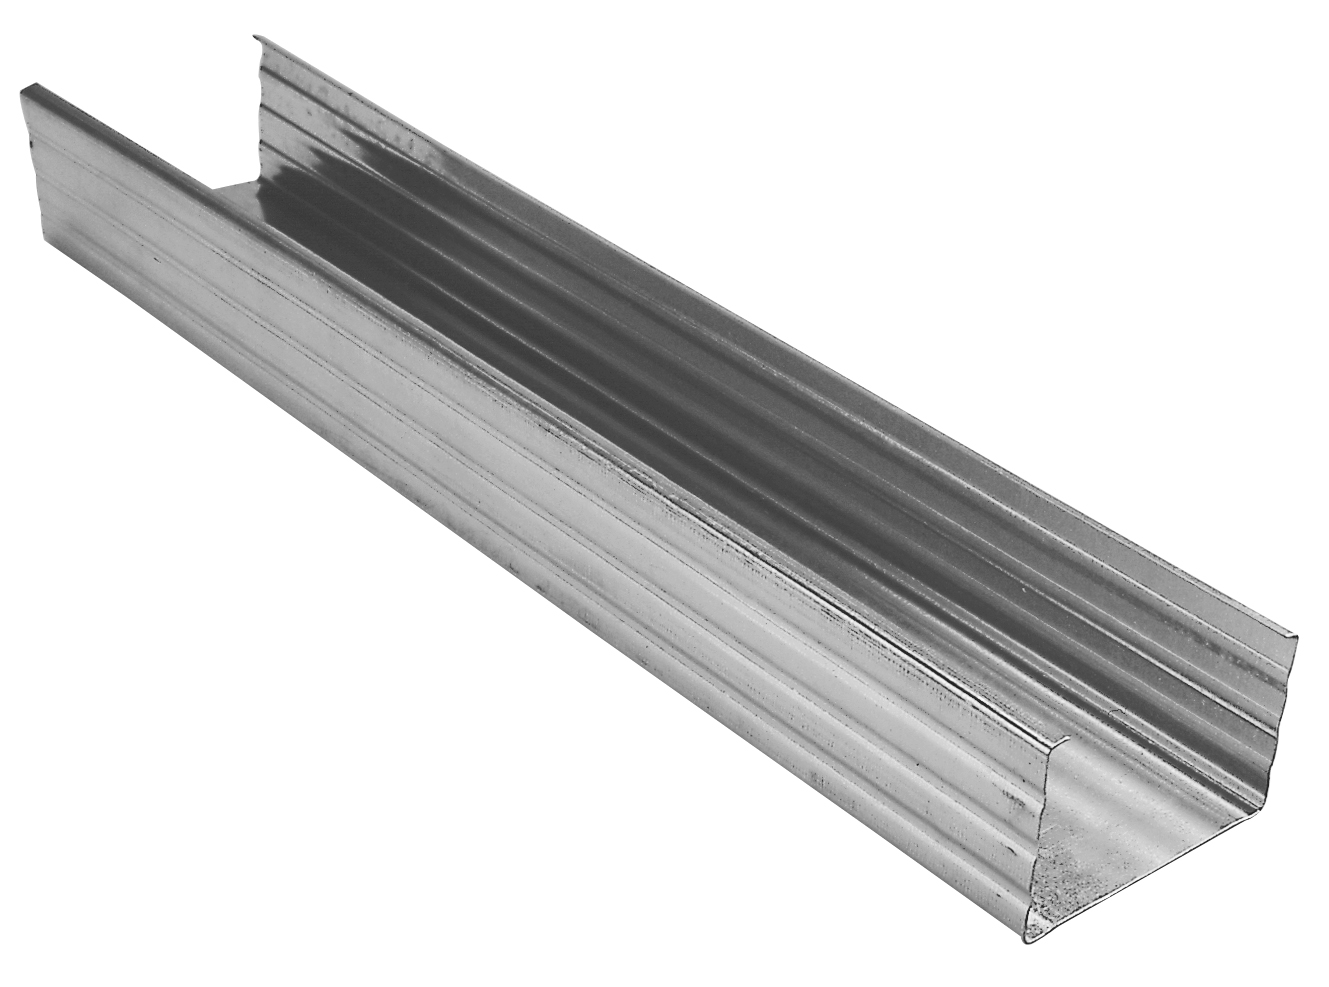 könig c-wandprofil cw 50 3000x50x50x0,6 mm, c-wandprofil, verzinkt